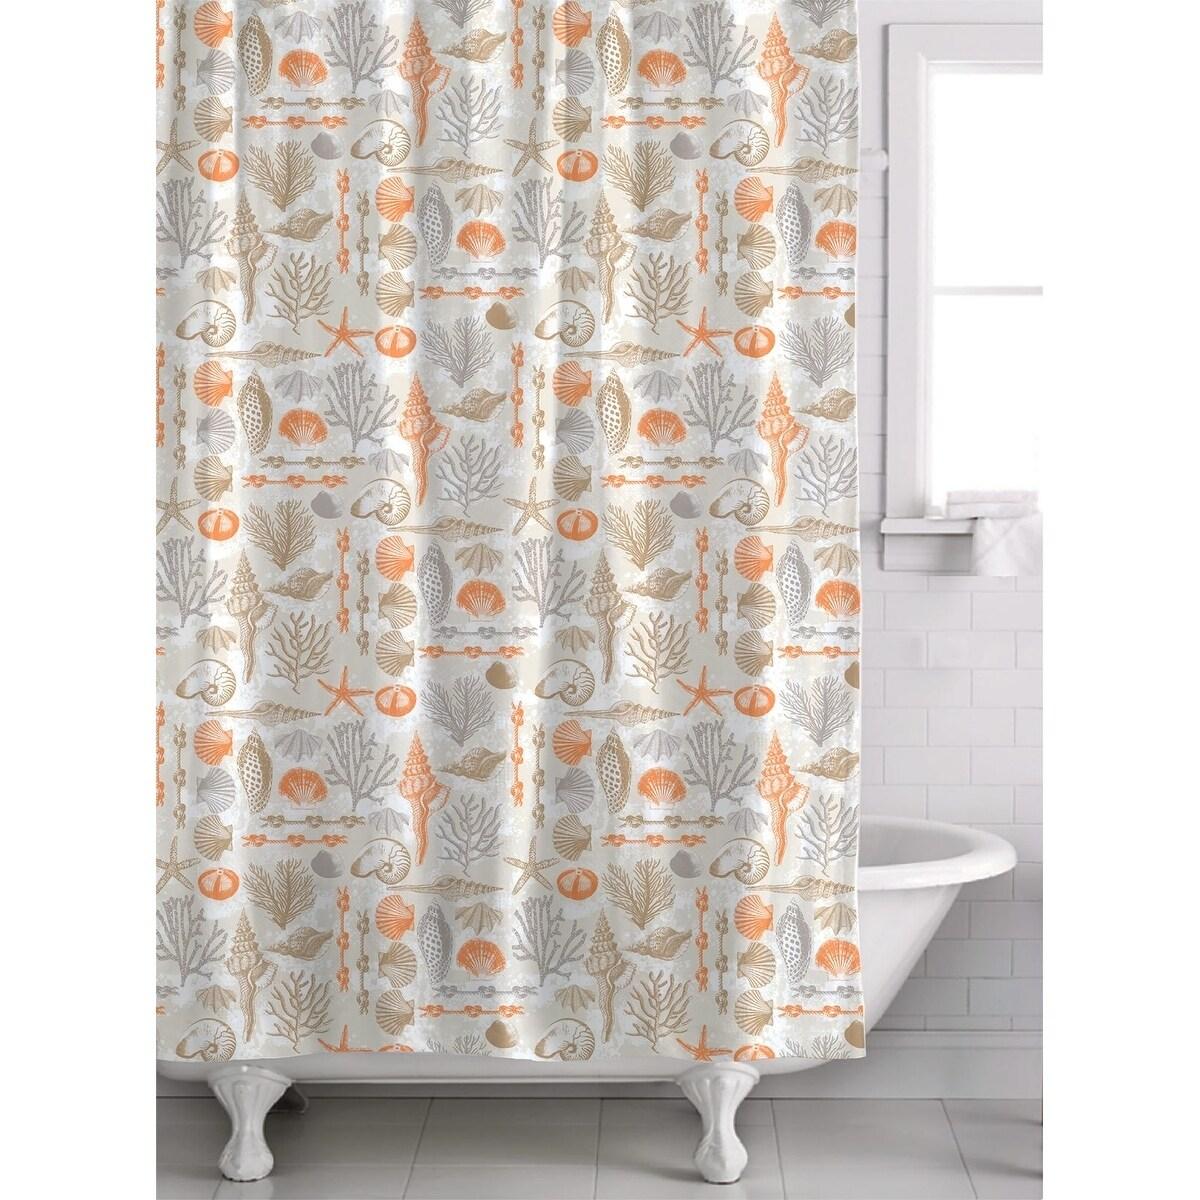 Shop Reef Point 13 Piece Fabric Shower Curtain Roller Ball Hook Set